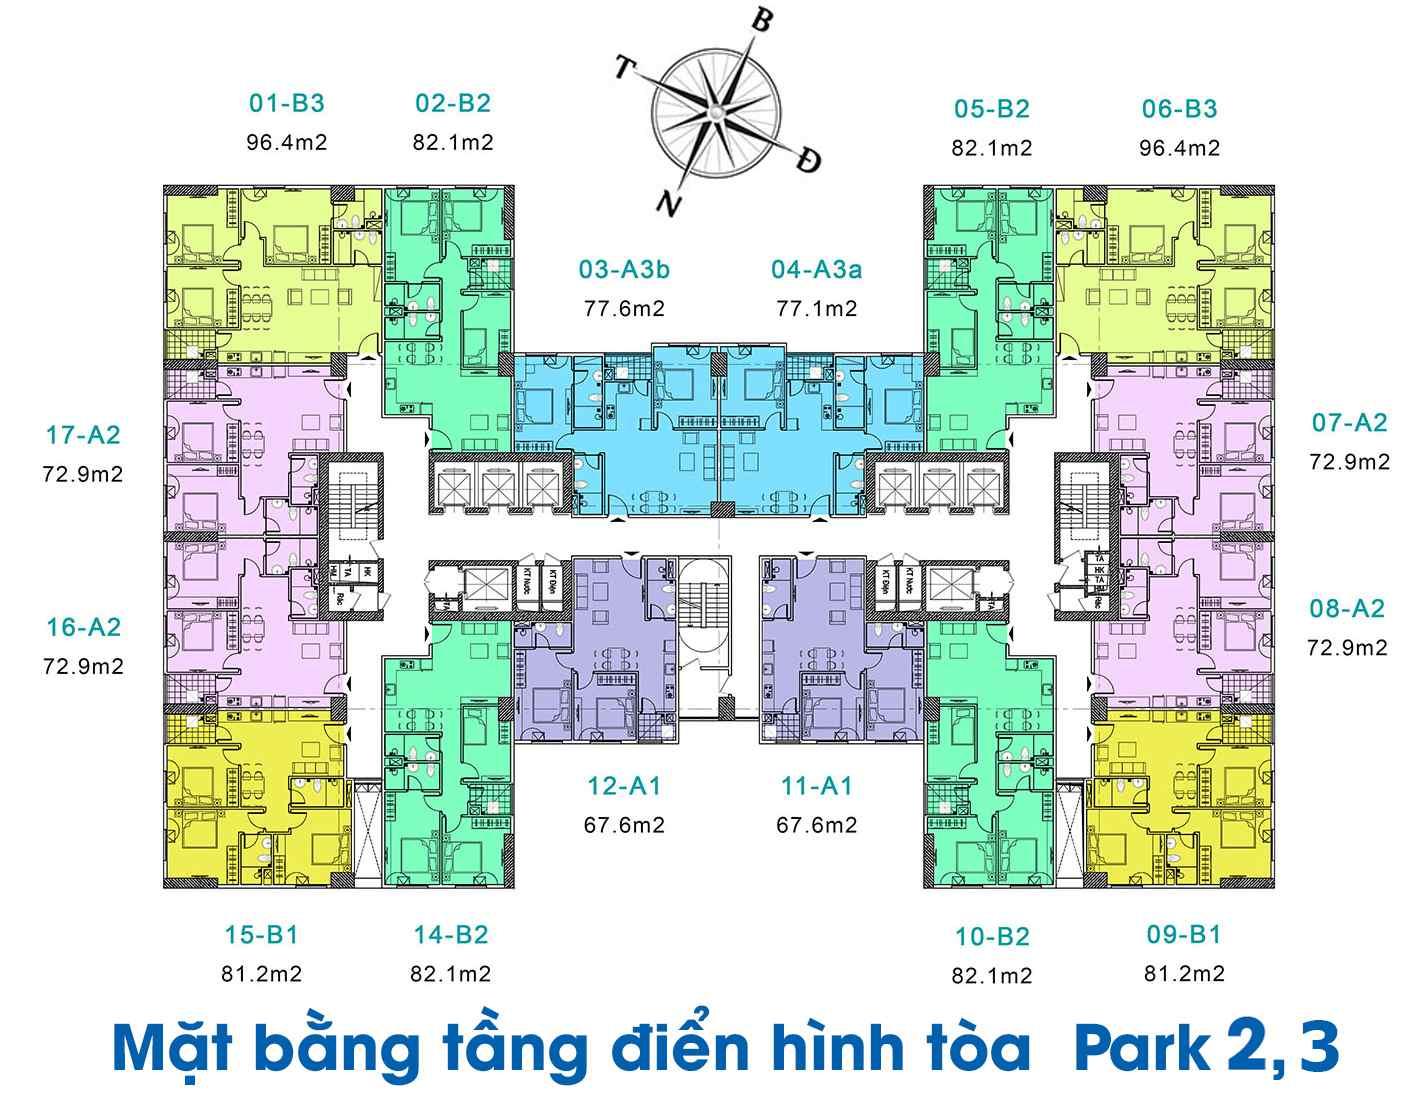 Toa-Park3-eurowindow-river-park